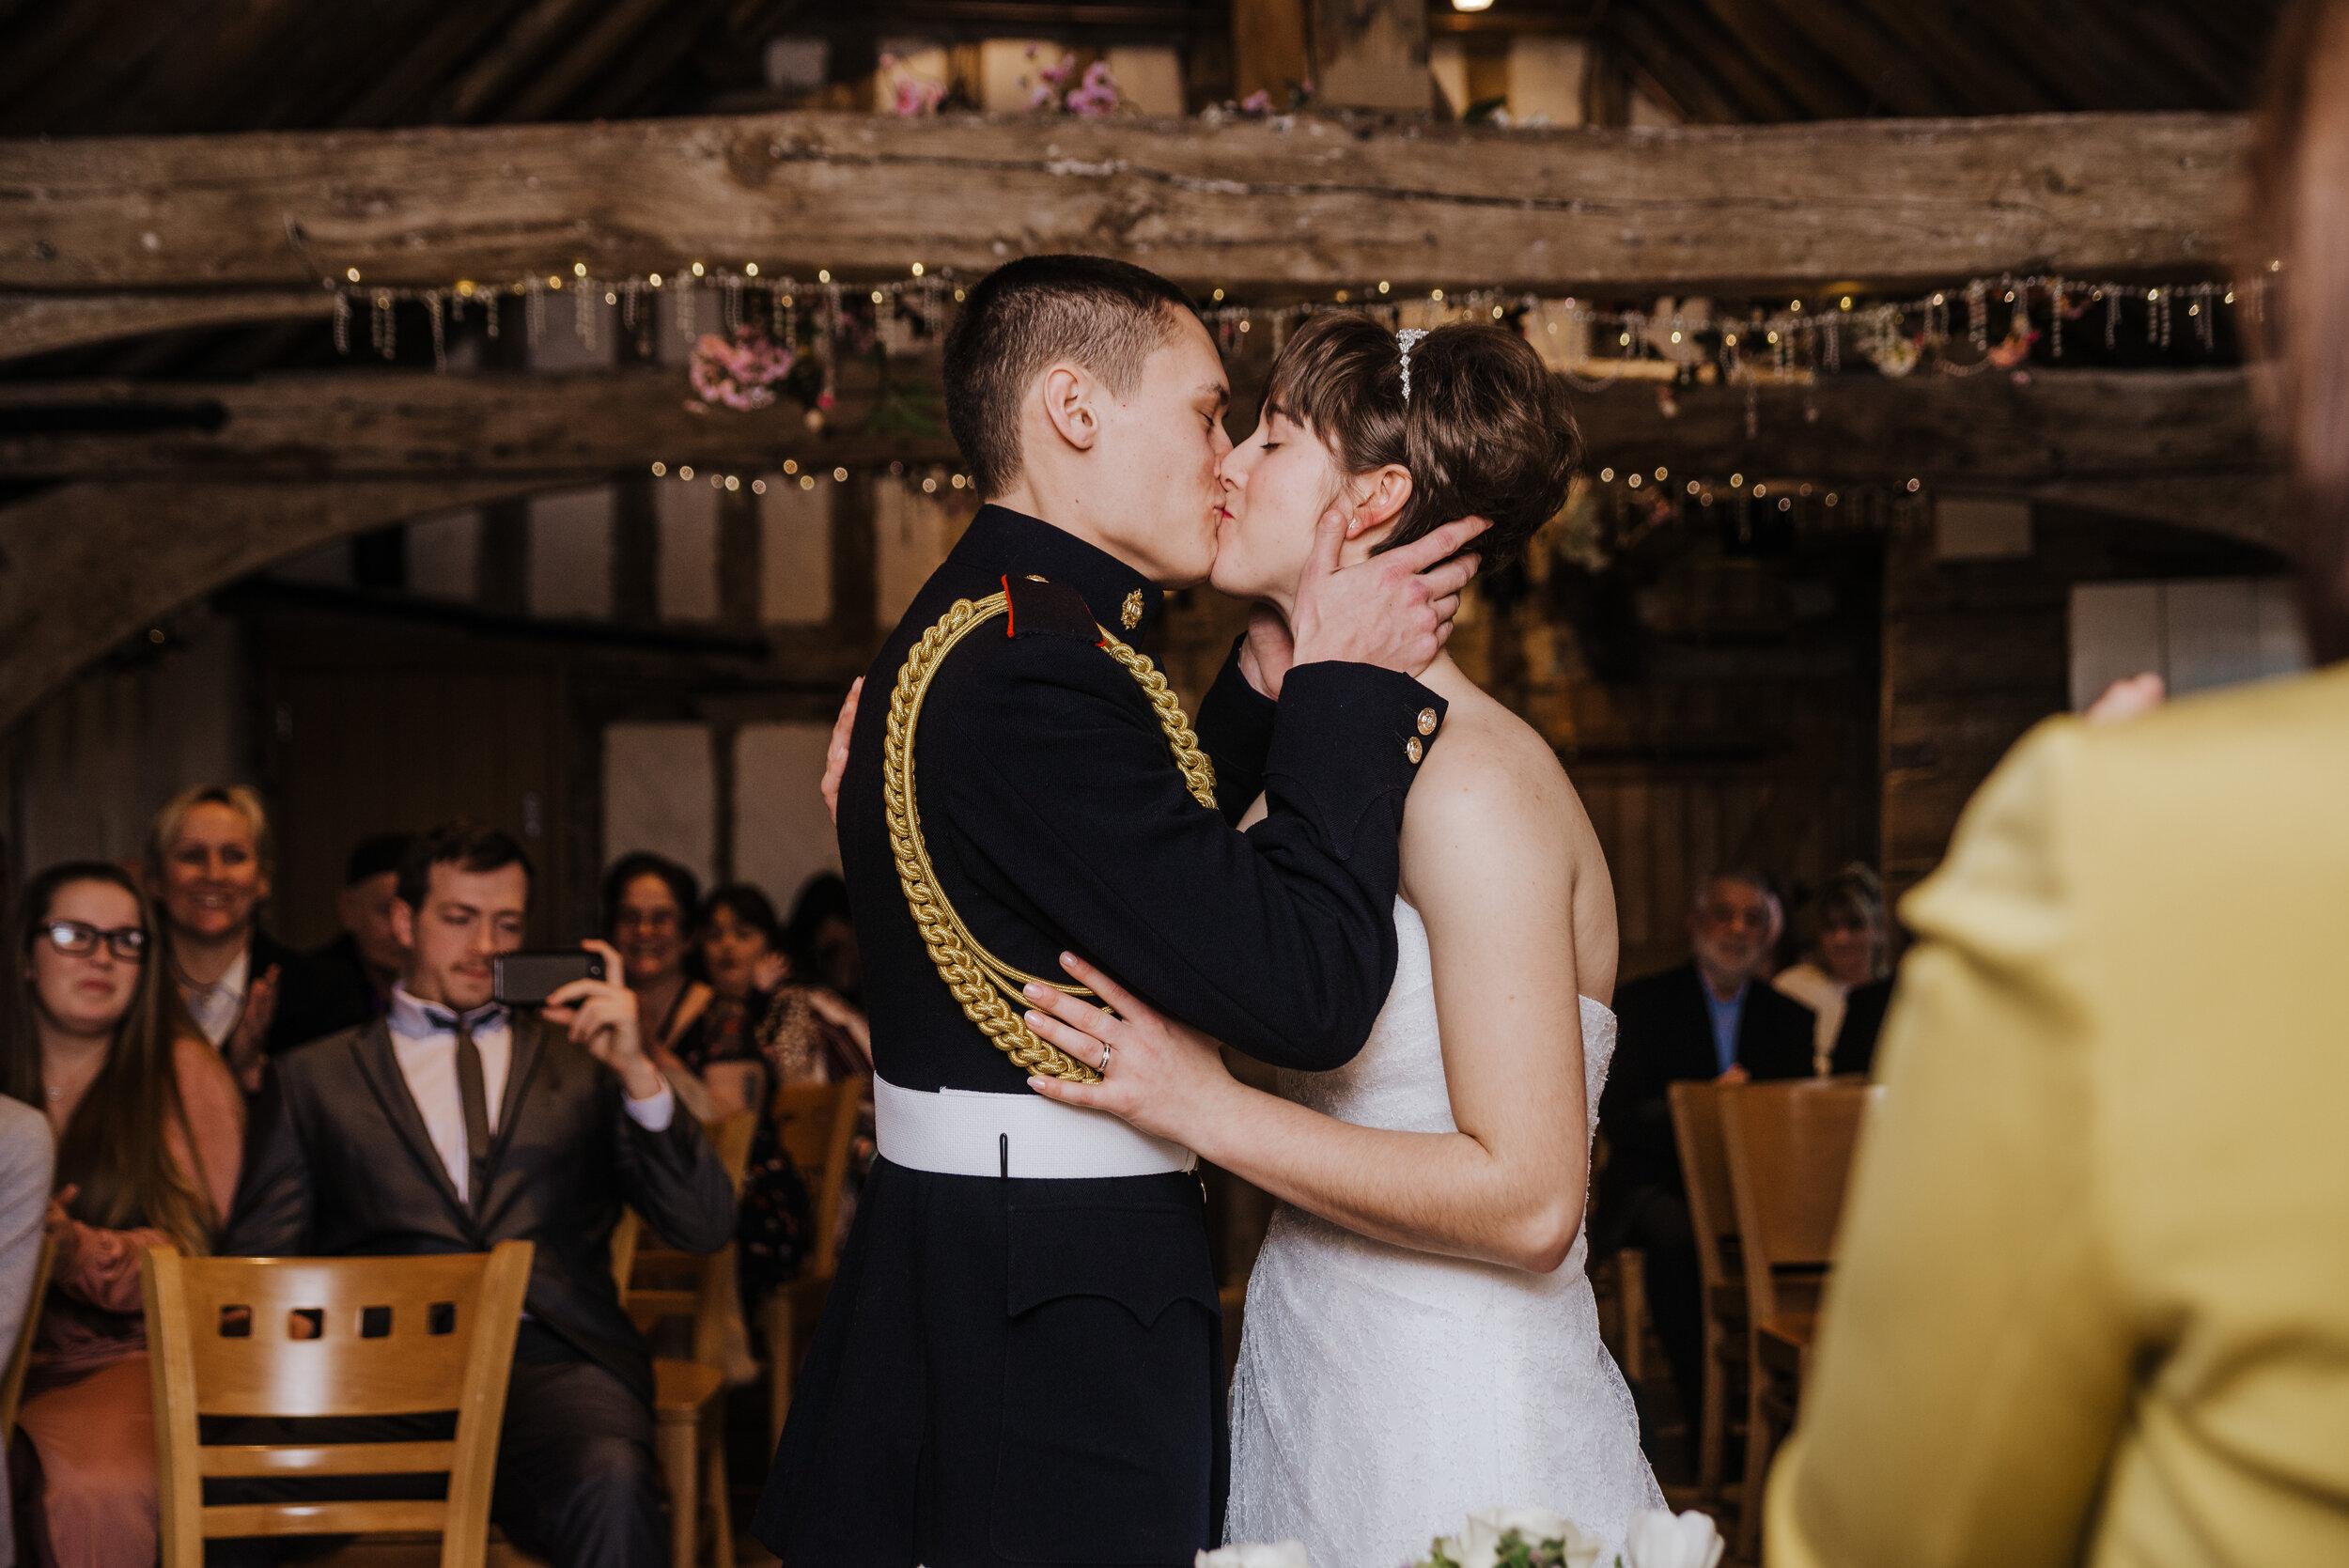 SUFFOLK_WEDDING_PHOTOGRAPHY_ISAACS_WEDDING_VENUE_WEDDINGPHOTOGRAPHERNEARME_iPSWICHWEDDINGPHOTOGRAPHER (45).jpg